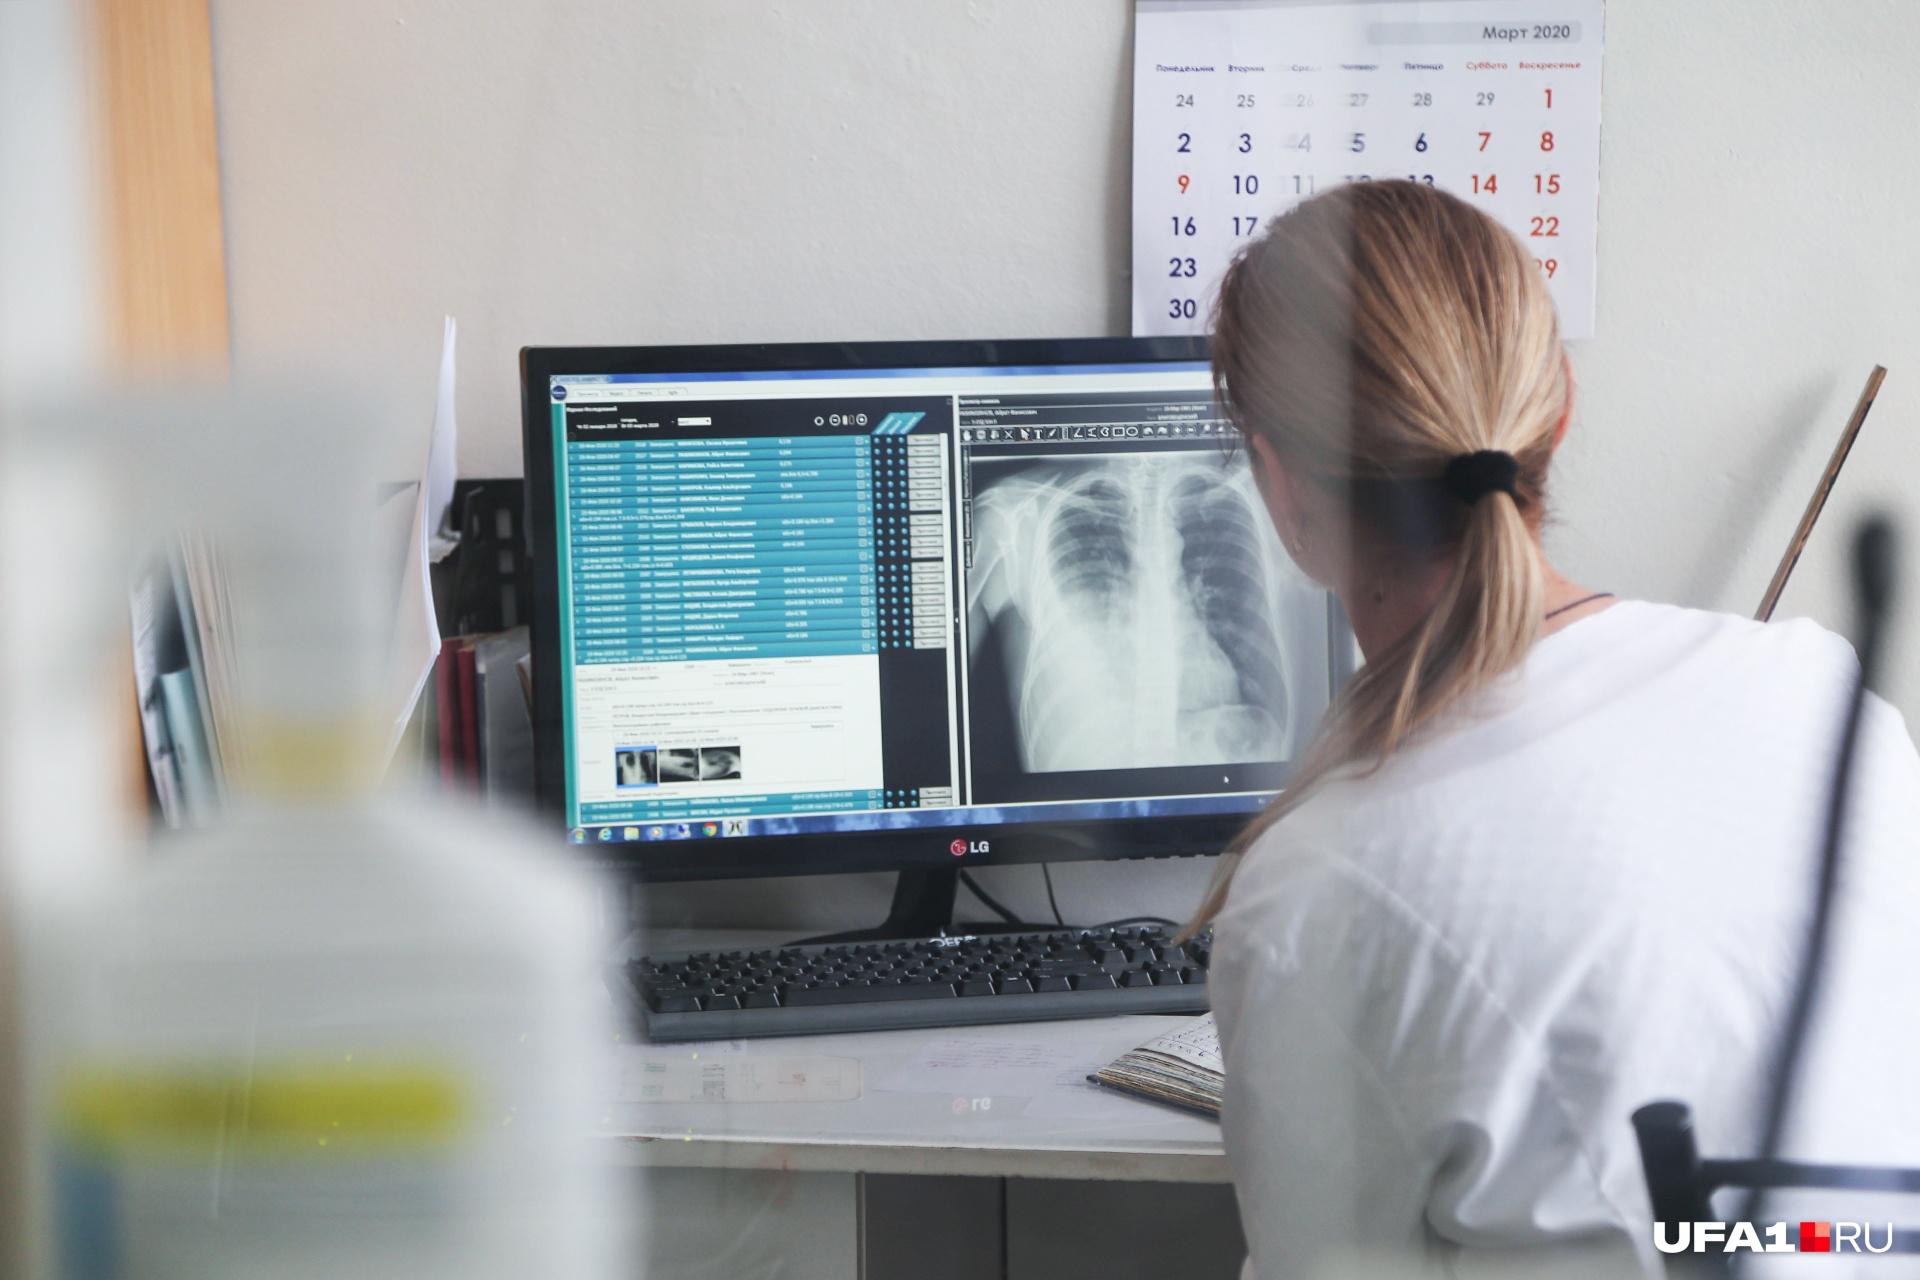 Проблемы с дыханием часто становятся следствием болезни легких, но это далеко не единственная причина